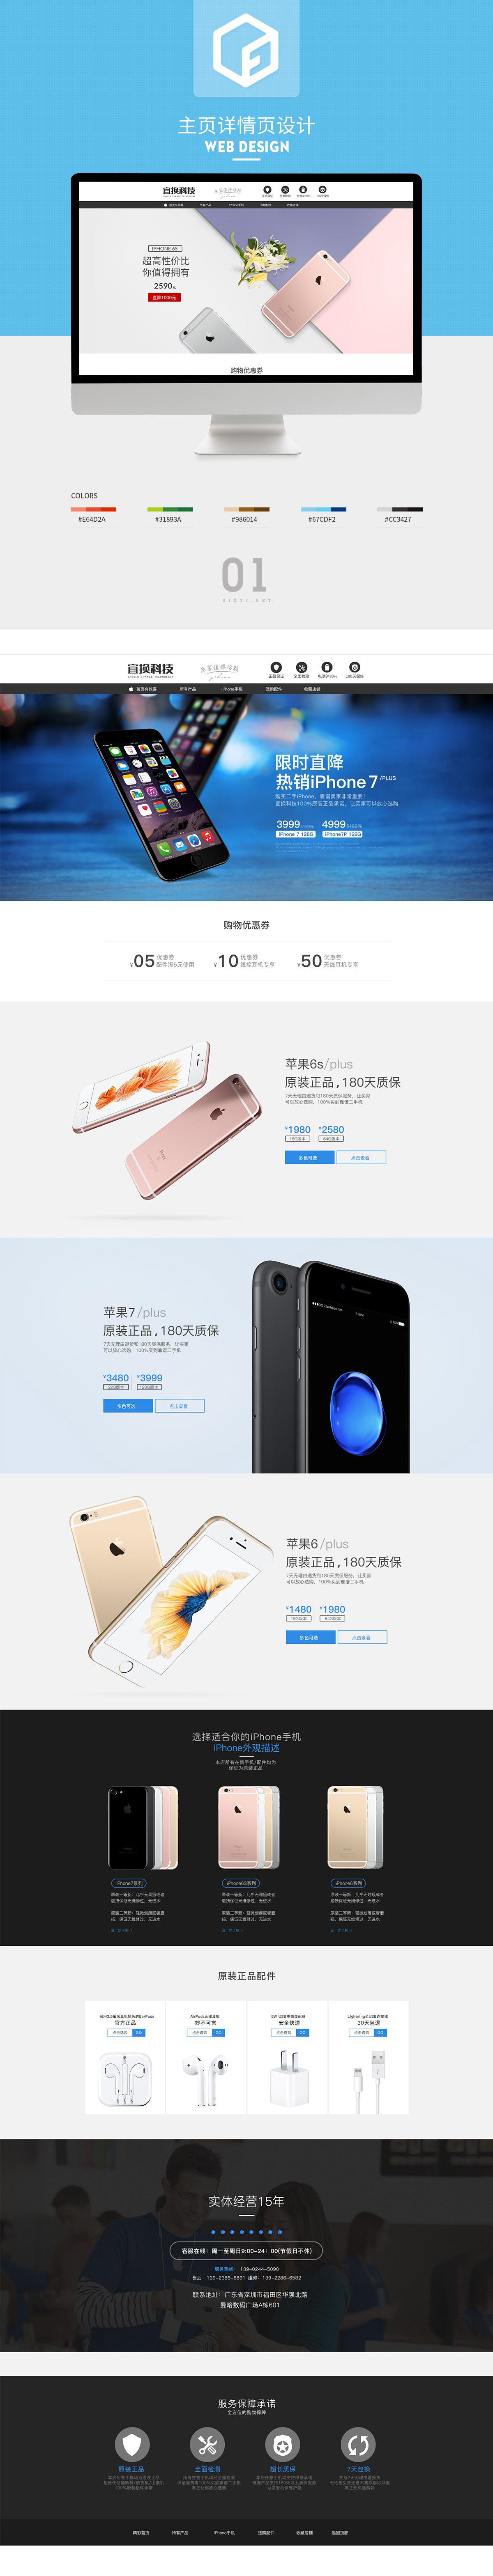 淘宝数码产品首页手机主页排版设计图片